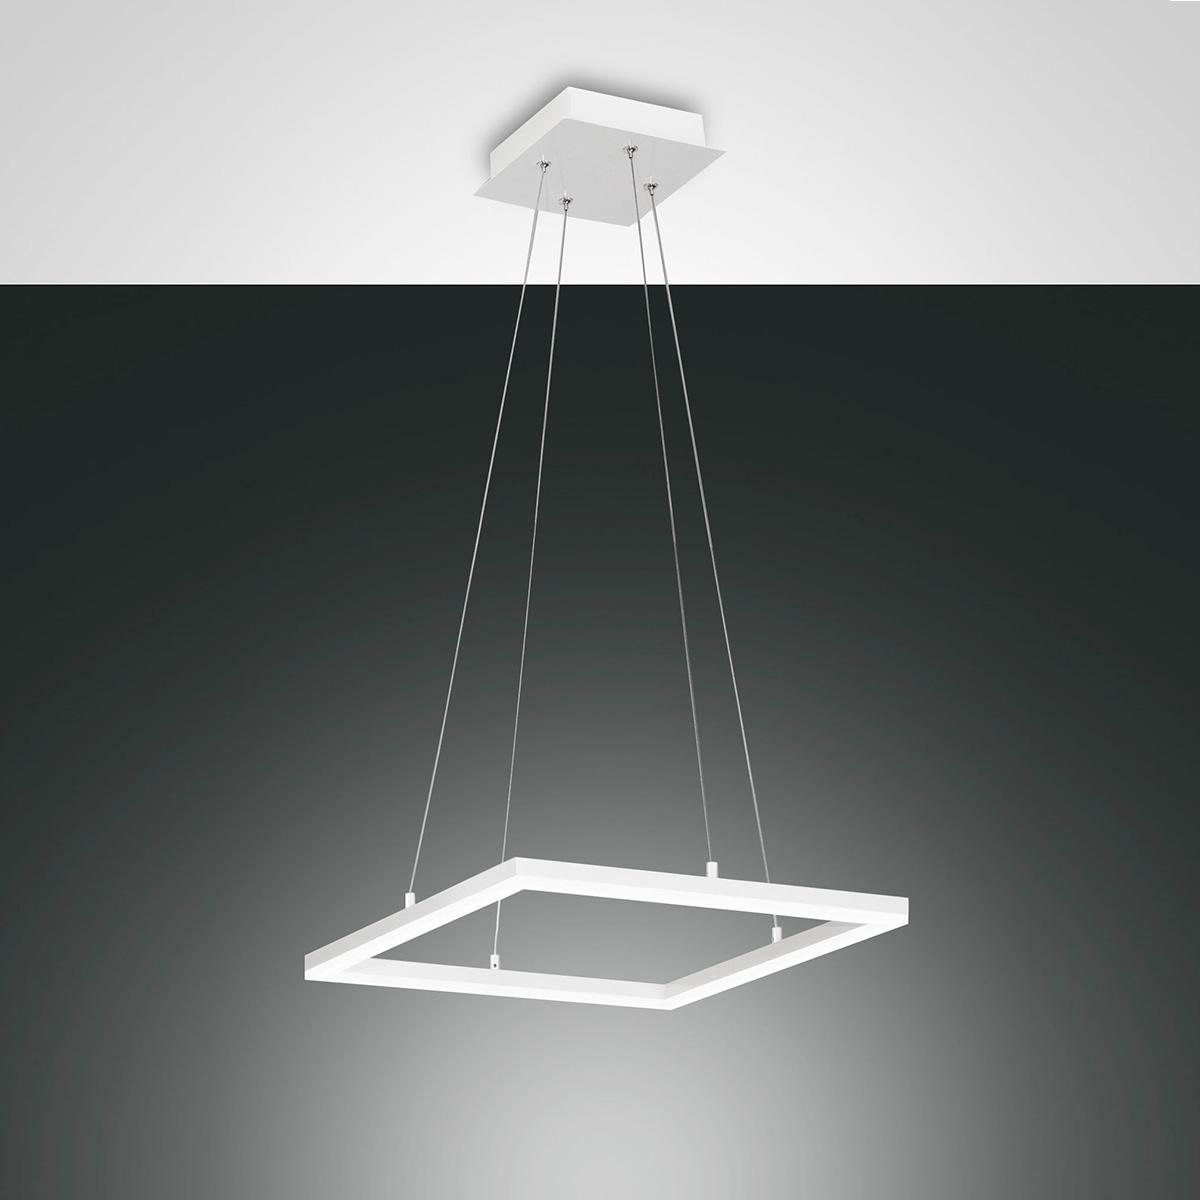 Fabas Luce Bard LED Pendelleuchte, quadratisch 3394-40-102